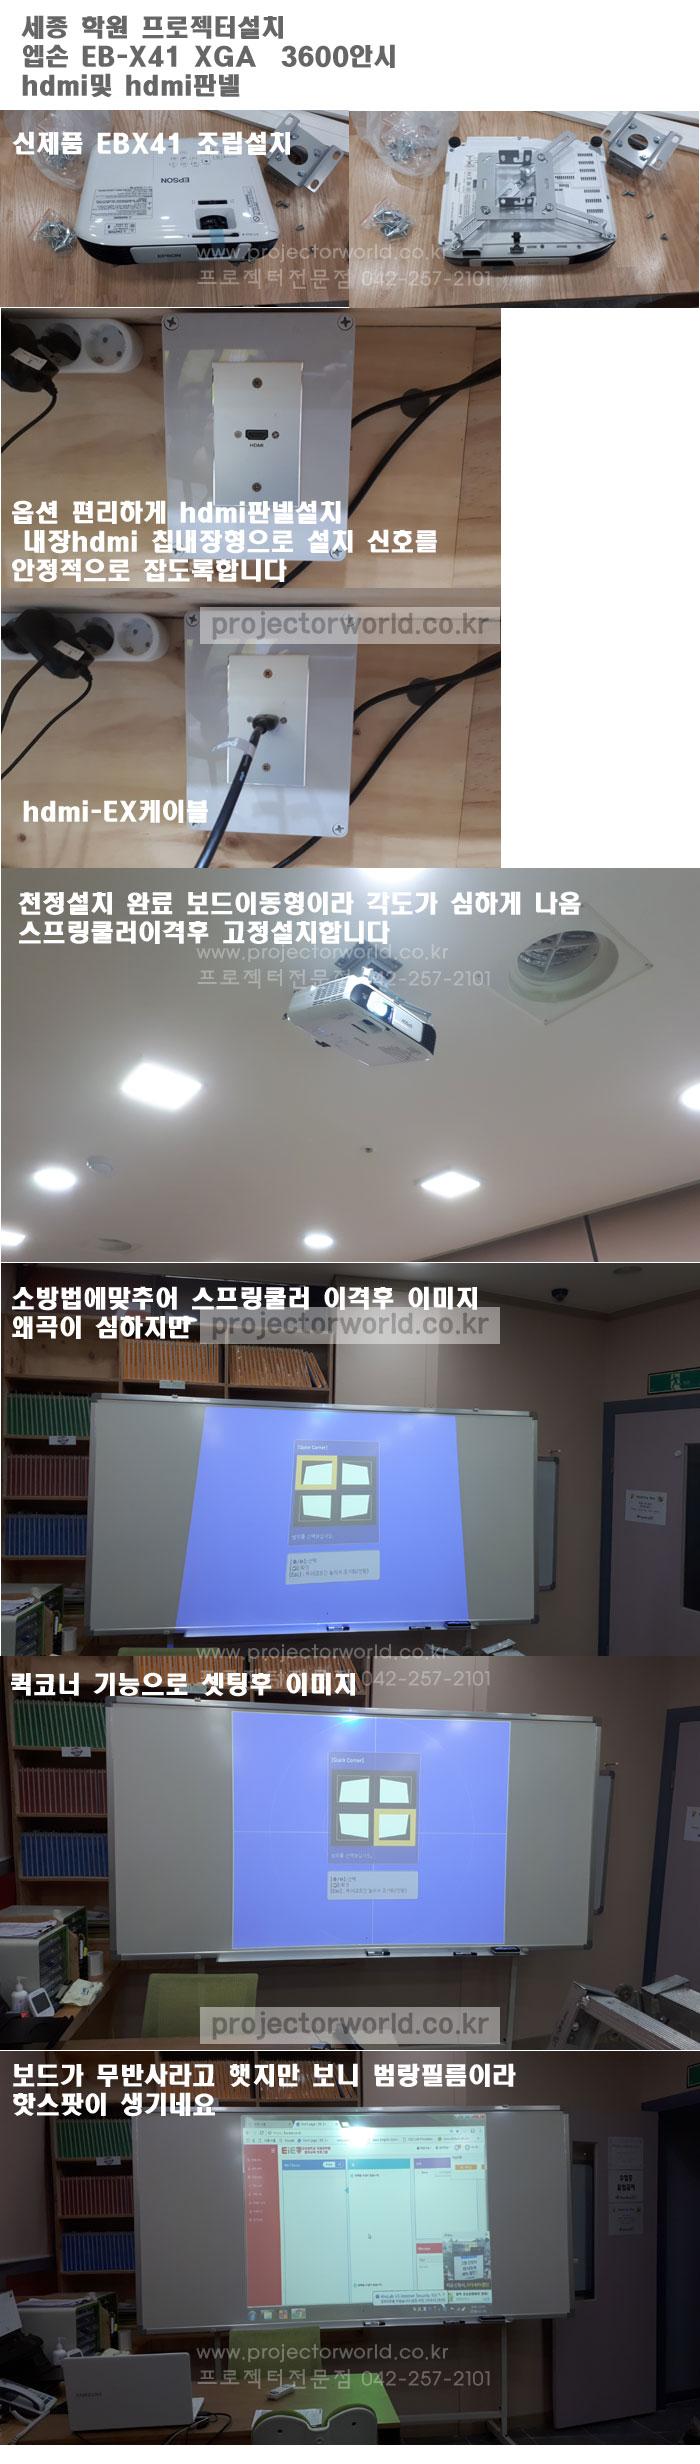 세종시프로젝터빔,대전프로젝터전문점,hdmi판넬,hdmi매립,